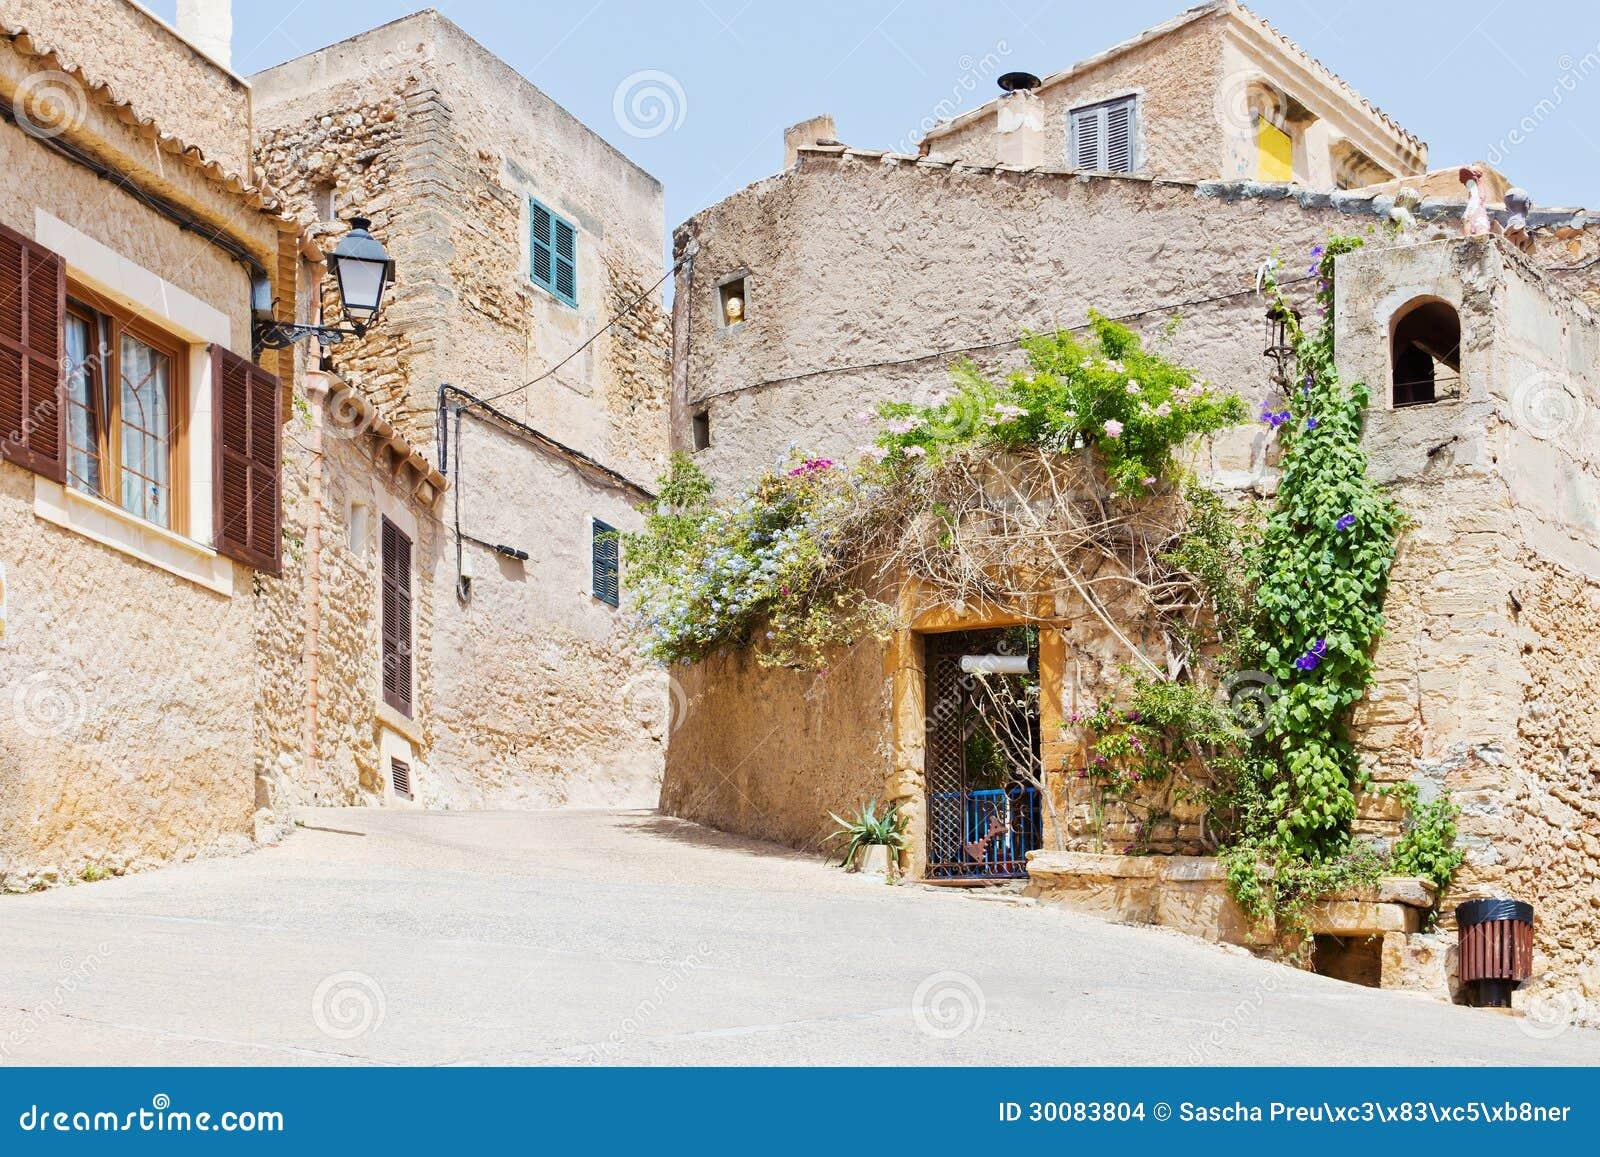 Maison espagnole images stock image 30083804 for Decoration espagnole maison